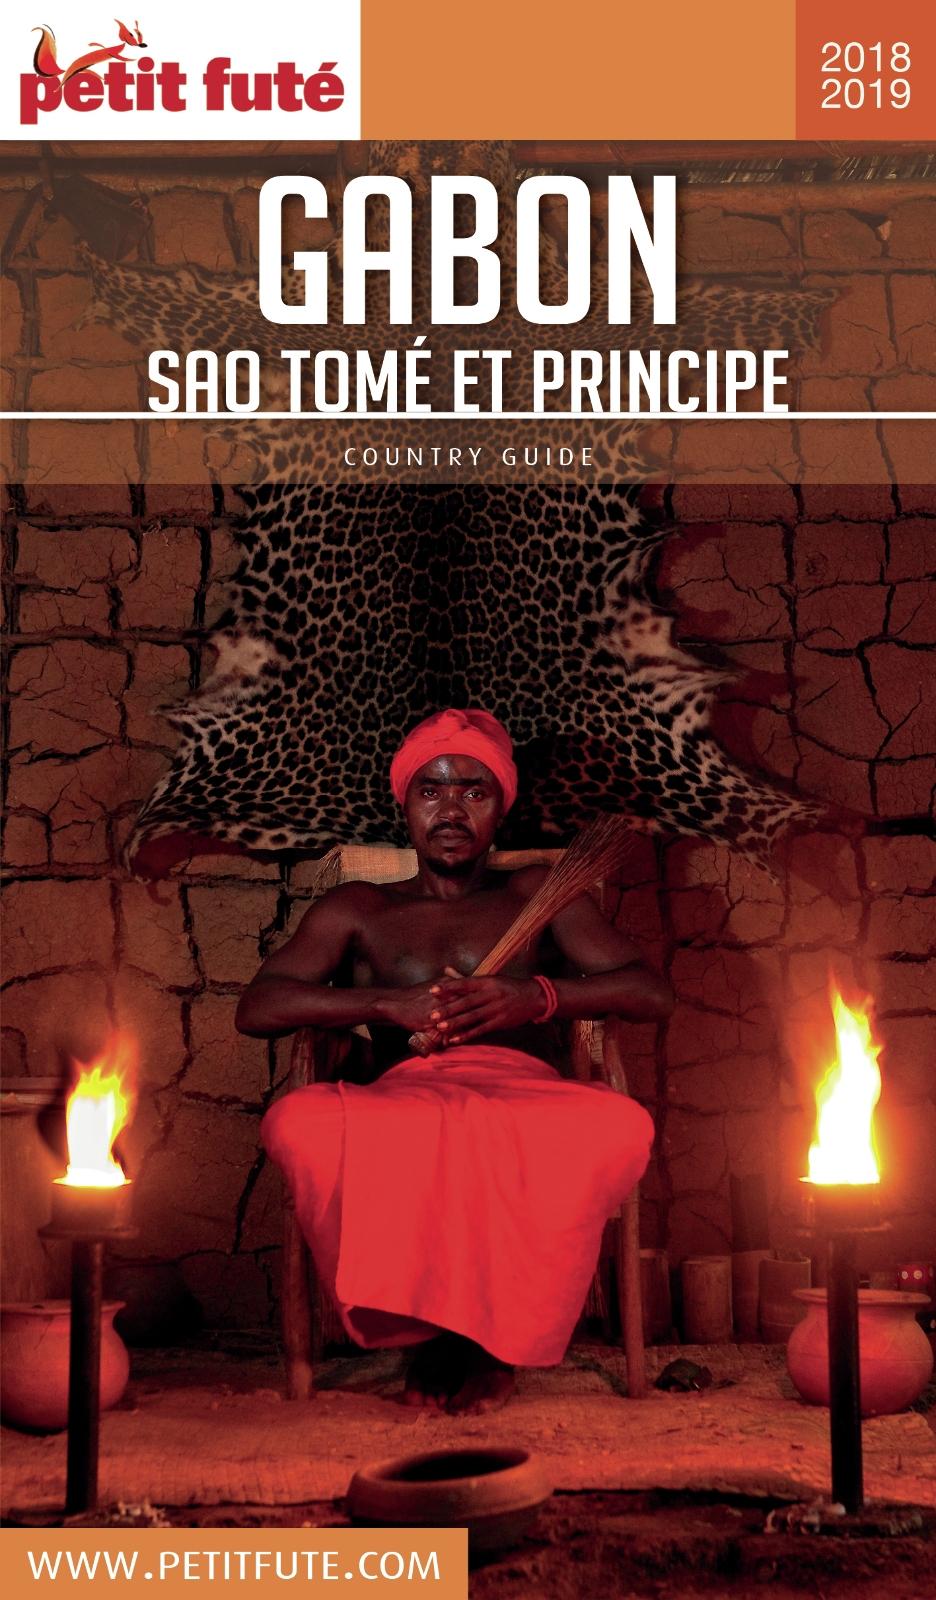 GABON / SAO TOME ET PRINCIPE 2018/2019 Petit Futé